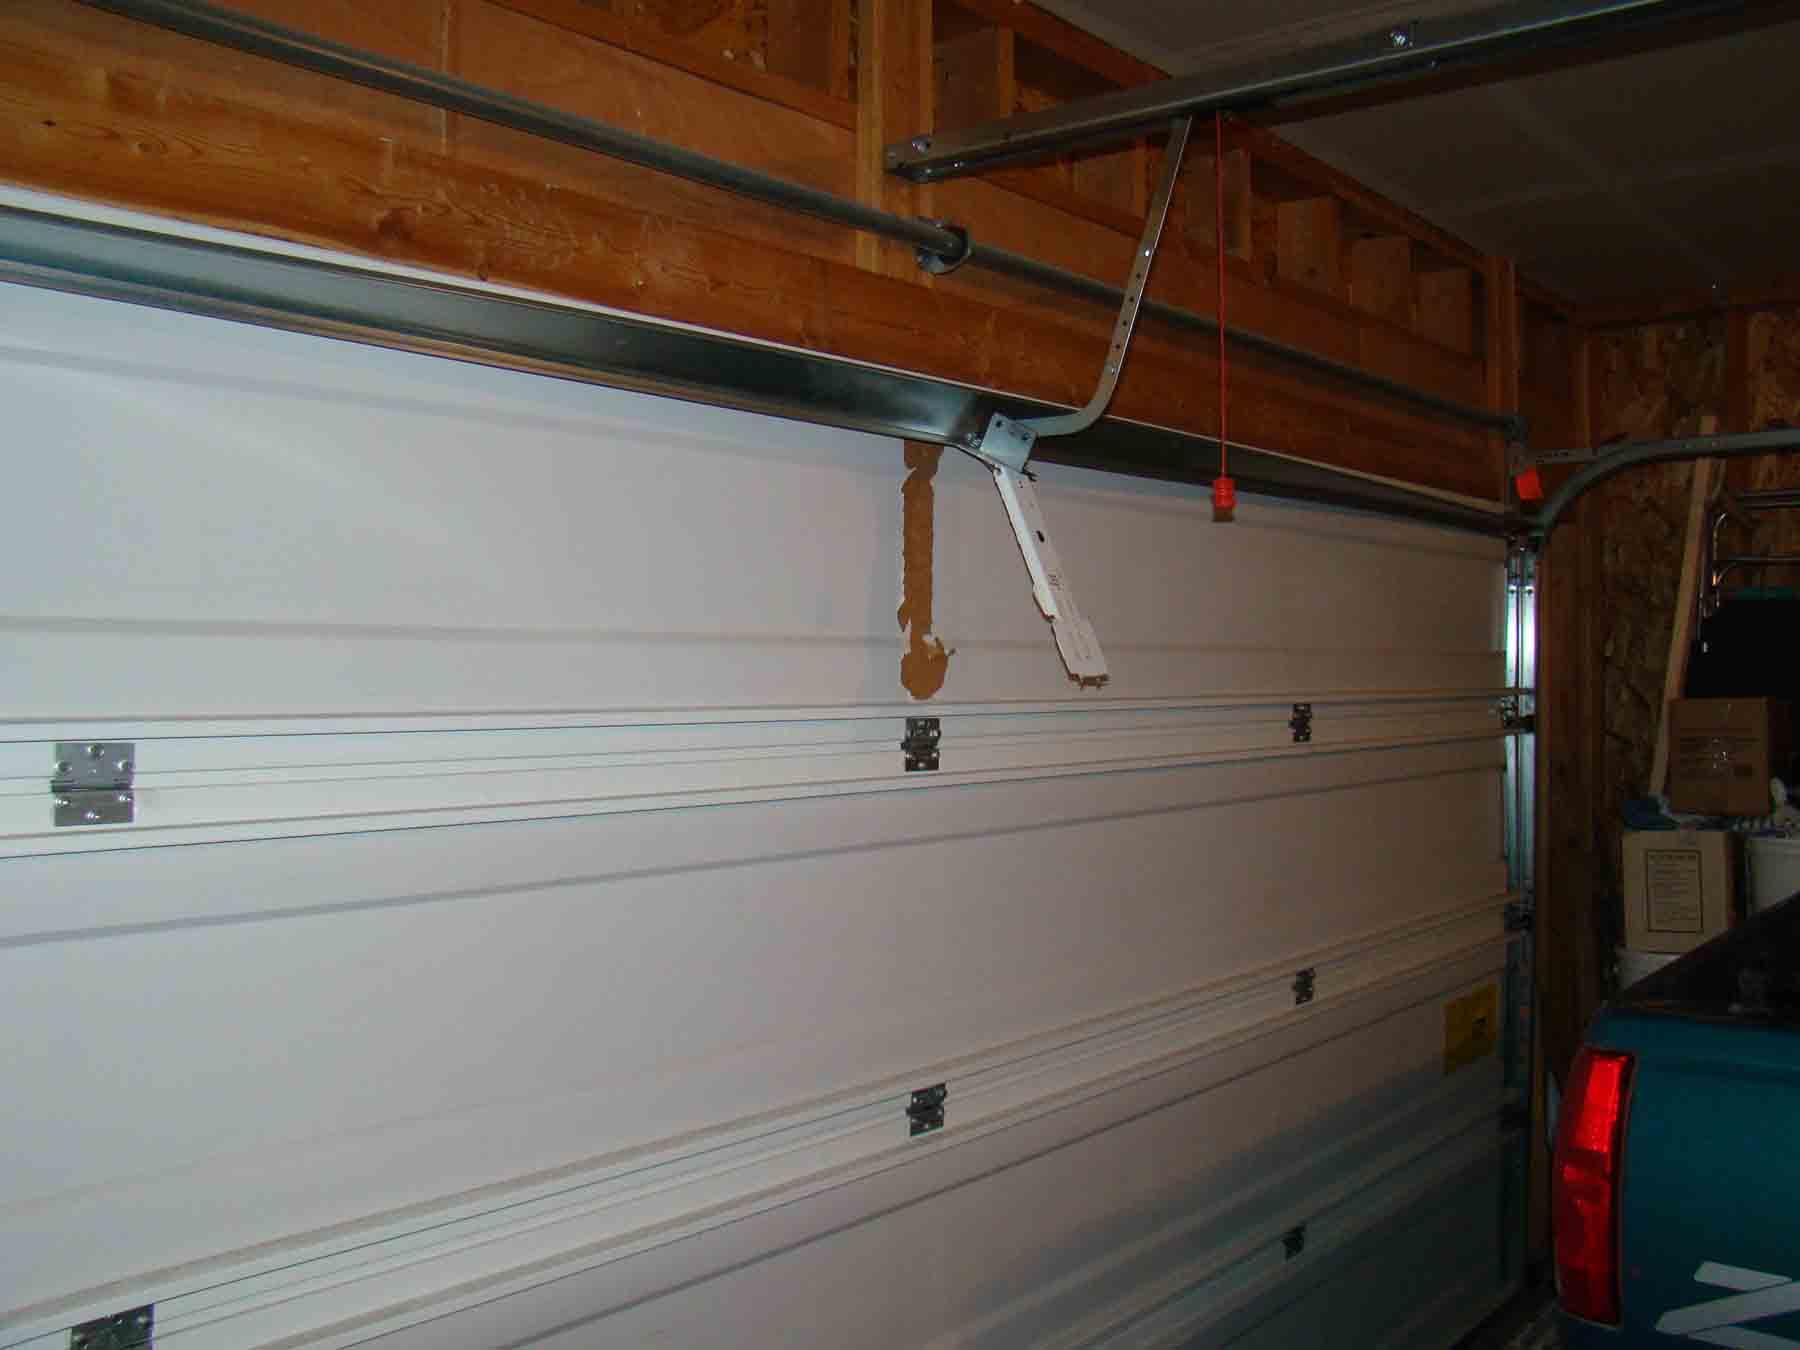 Garage Door Bracket garage door opener ripped from door - building & construction